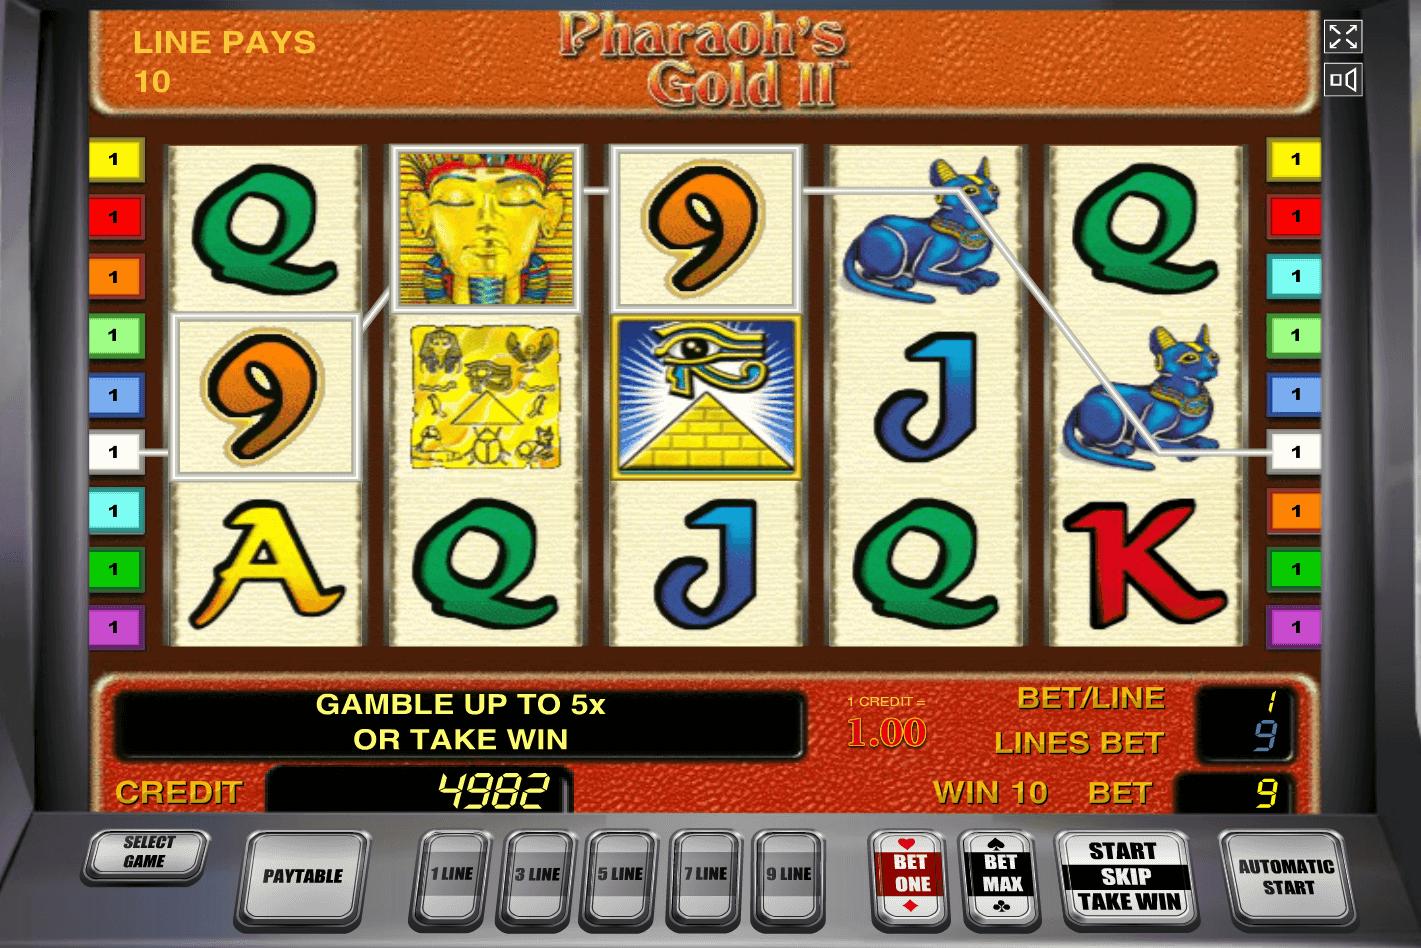 Игровой автомат Pharaohs Gold 2 - фото № 3